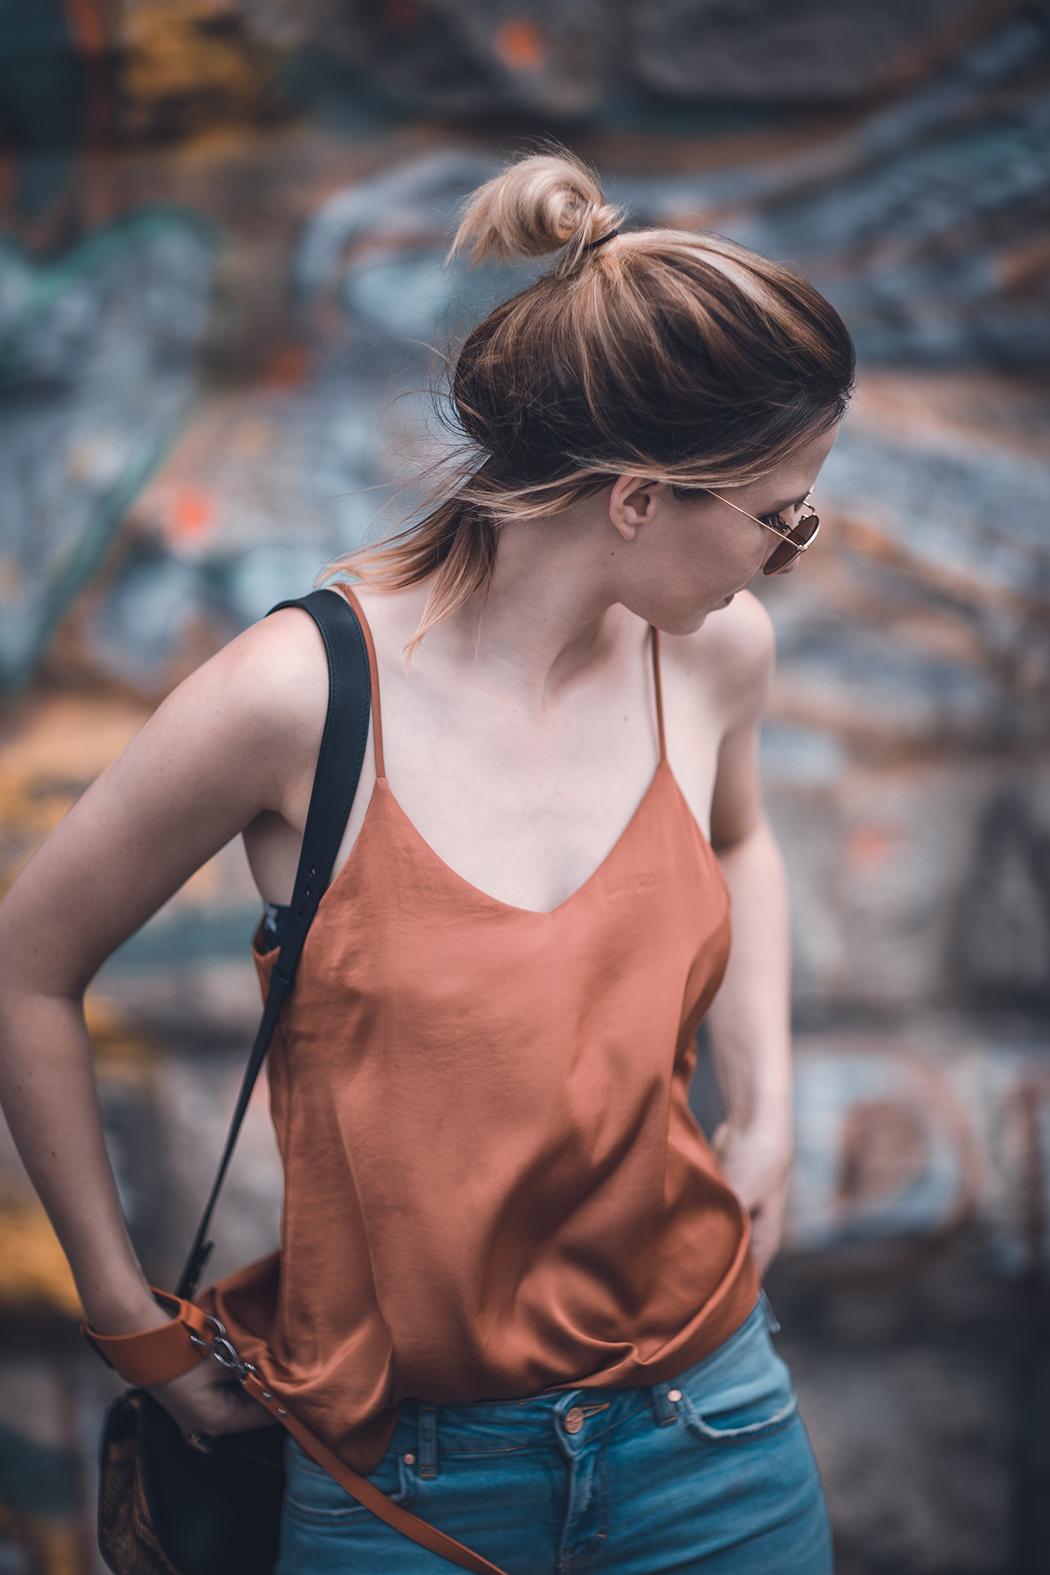 Lifestyle-Lifestyleblog-Lindarella-Muenchen-Deutschland-Blog-Blogger-Zuerich-Express-6